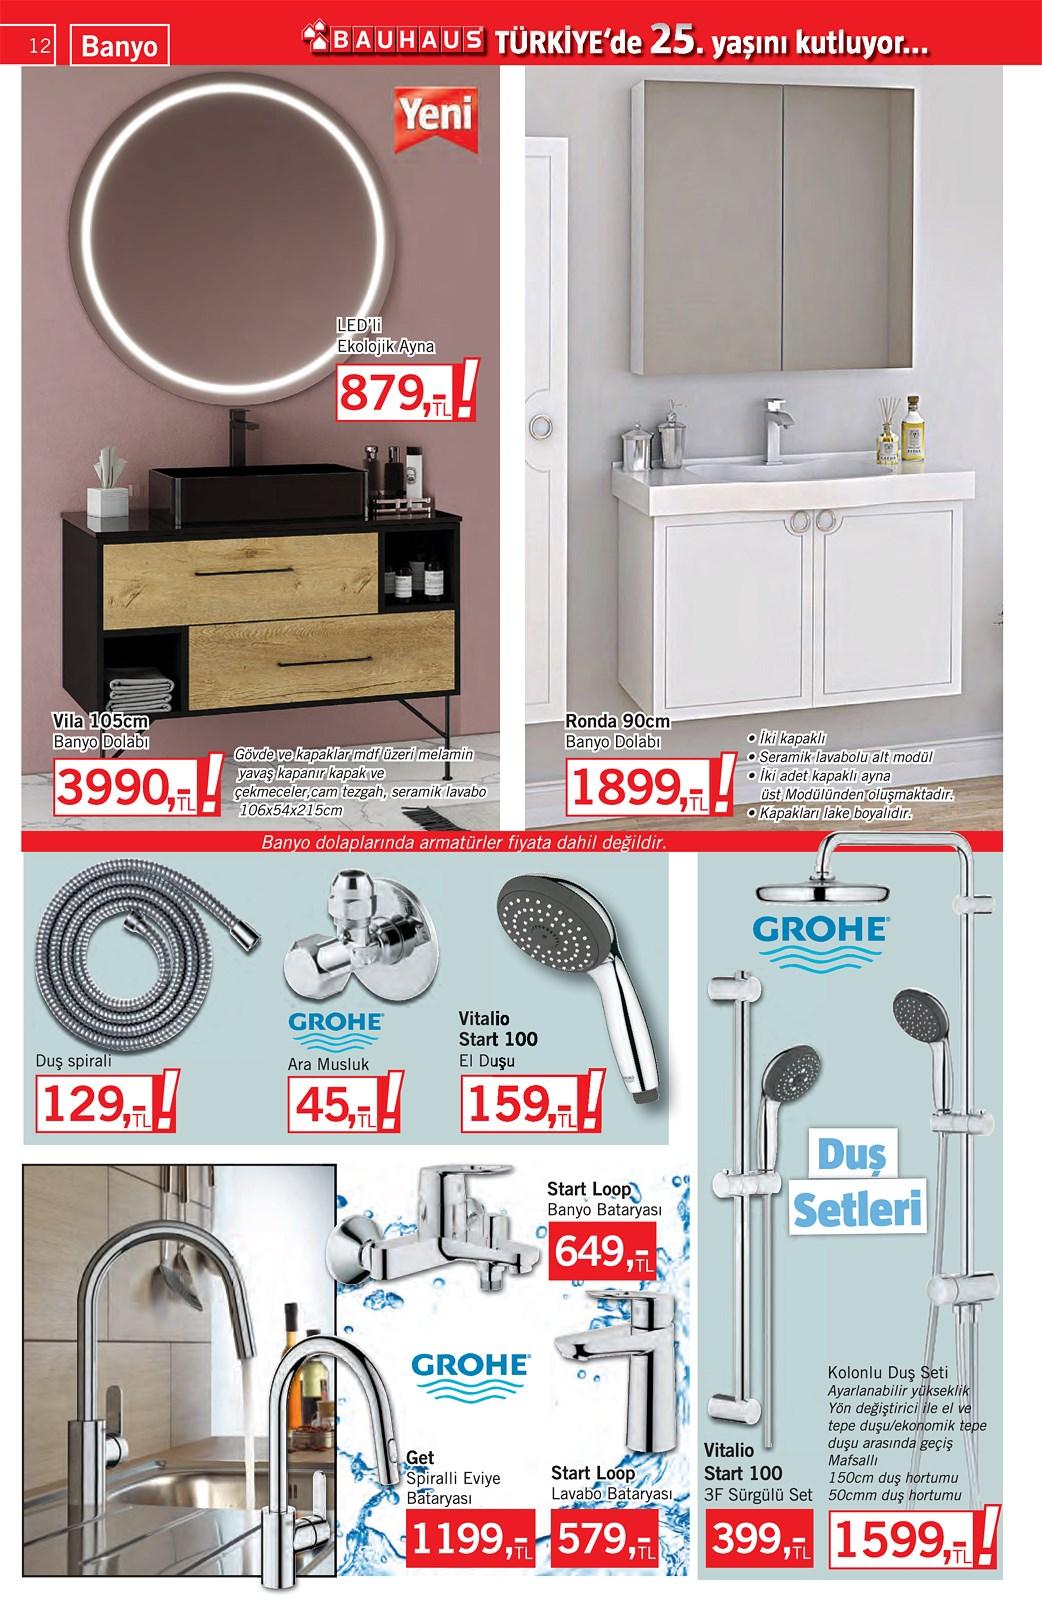 25.09.2021 Bauhaus broşürü 12. sayfa